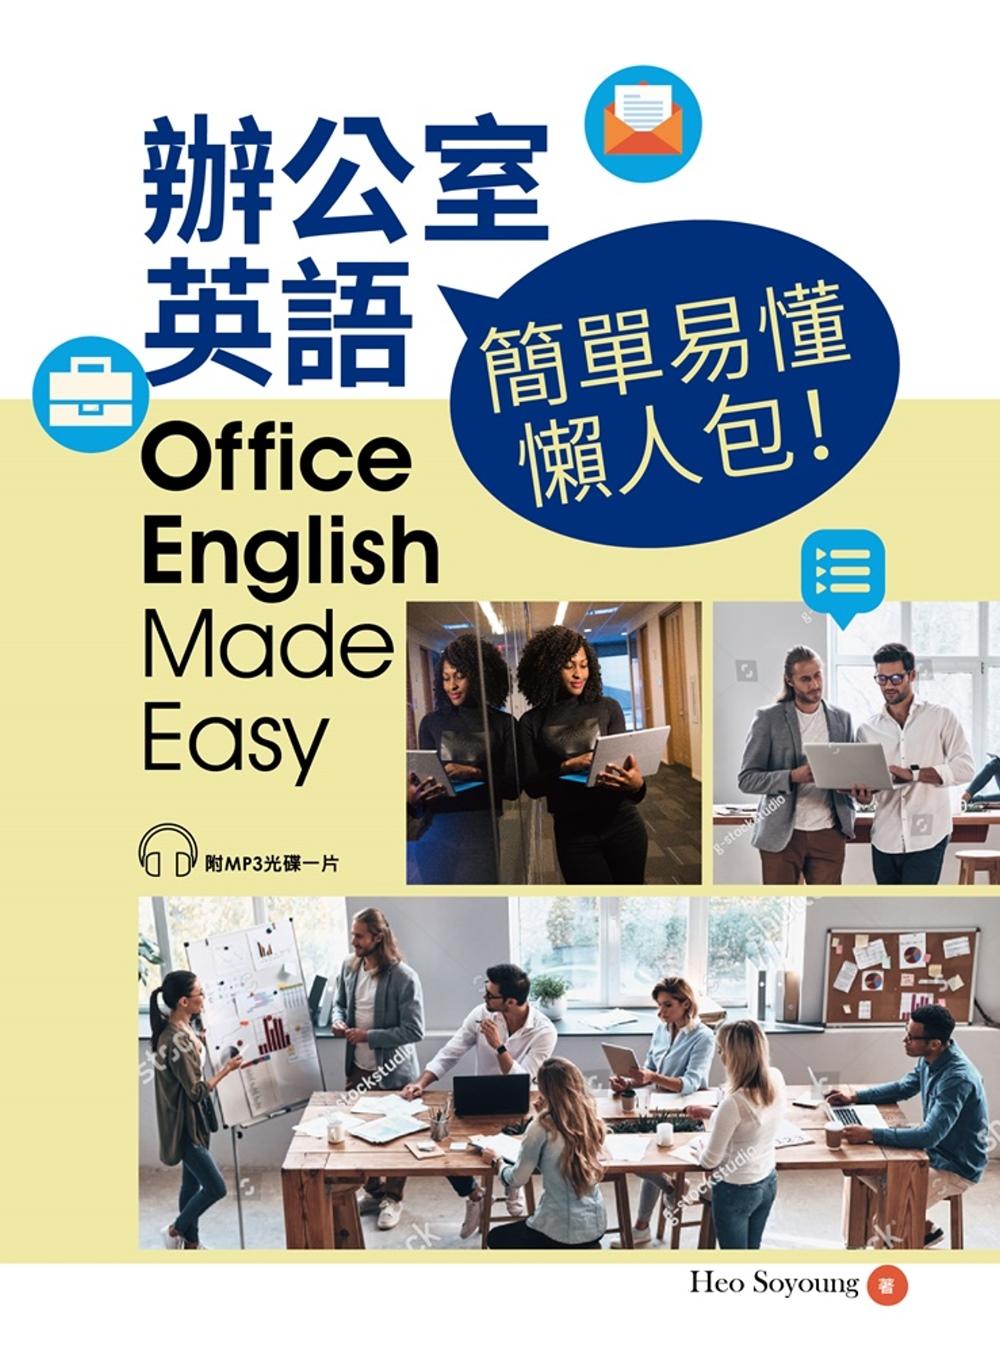 辦公室英語,簡單易懂懶人包!(...